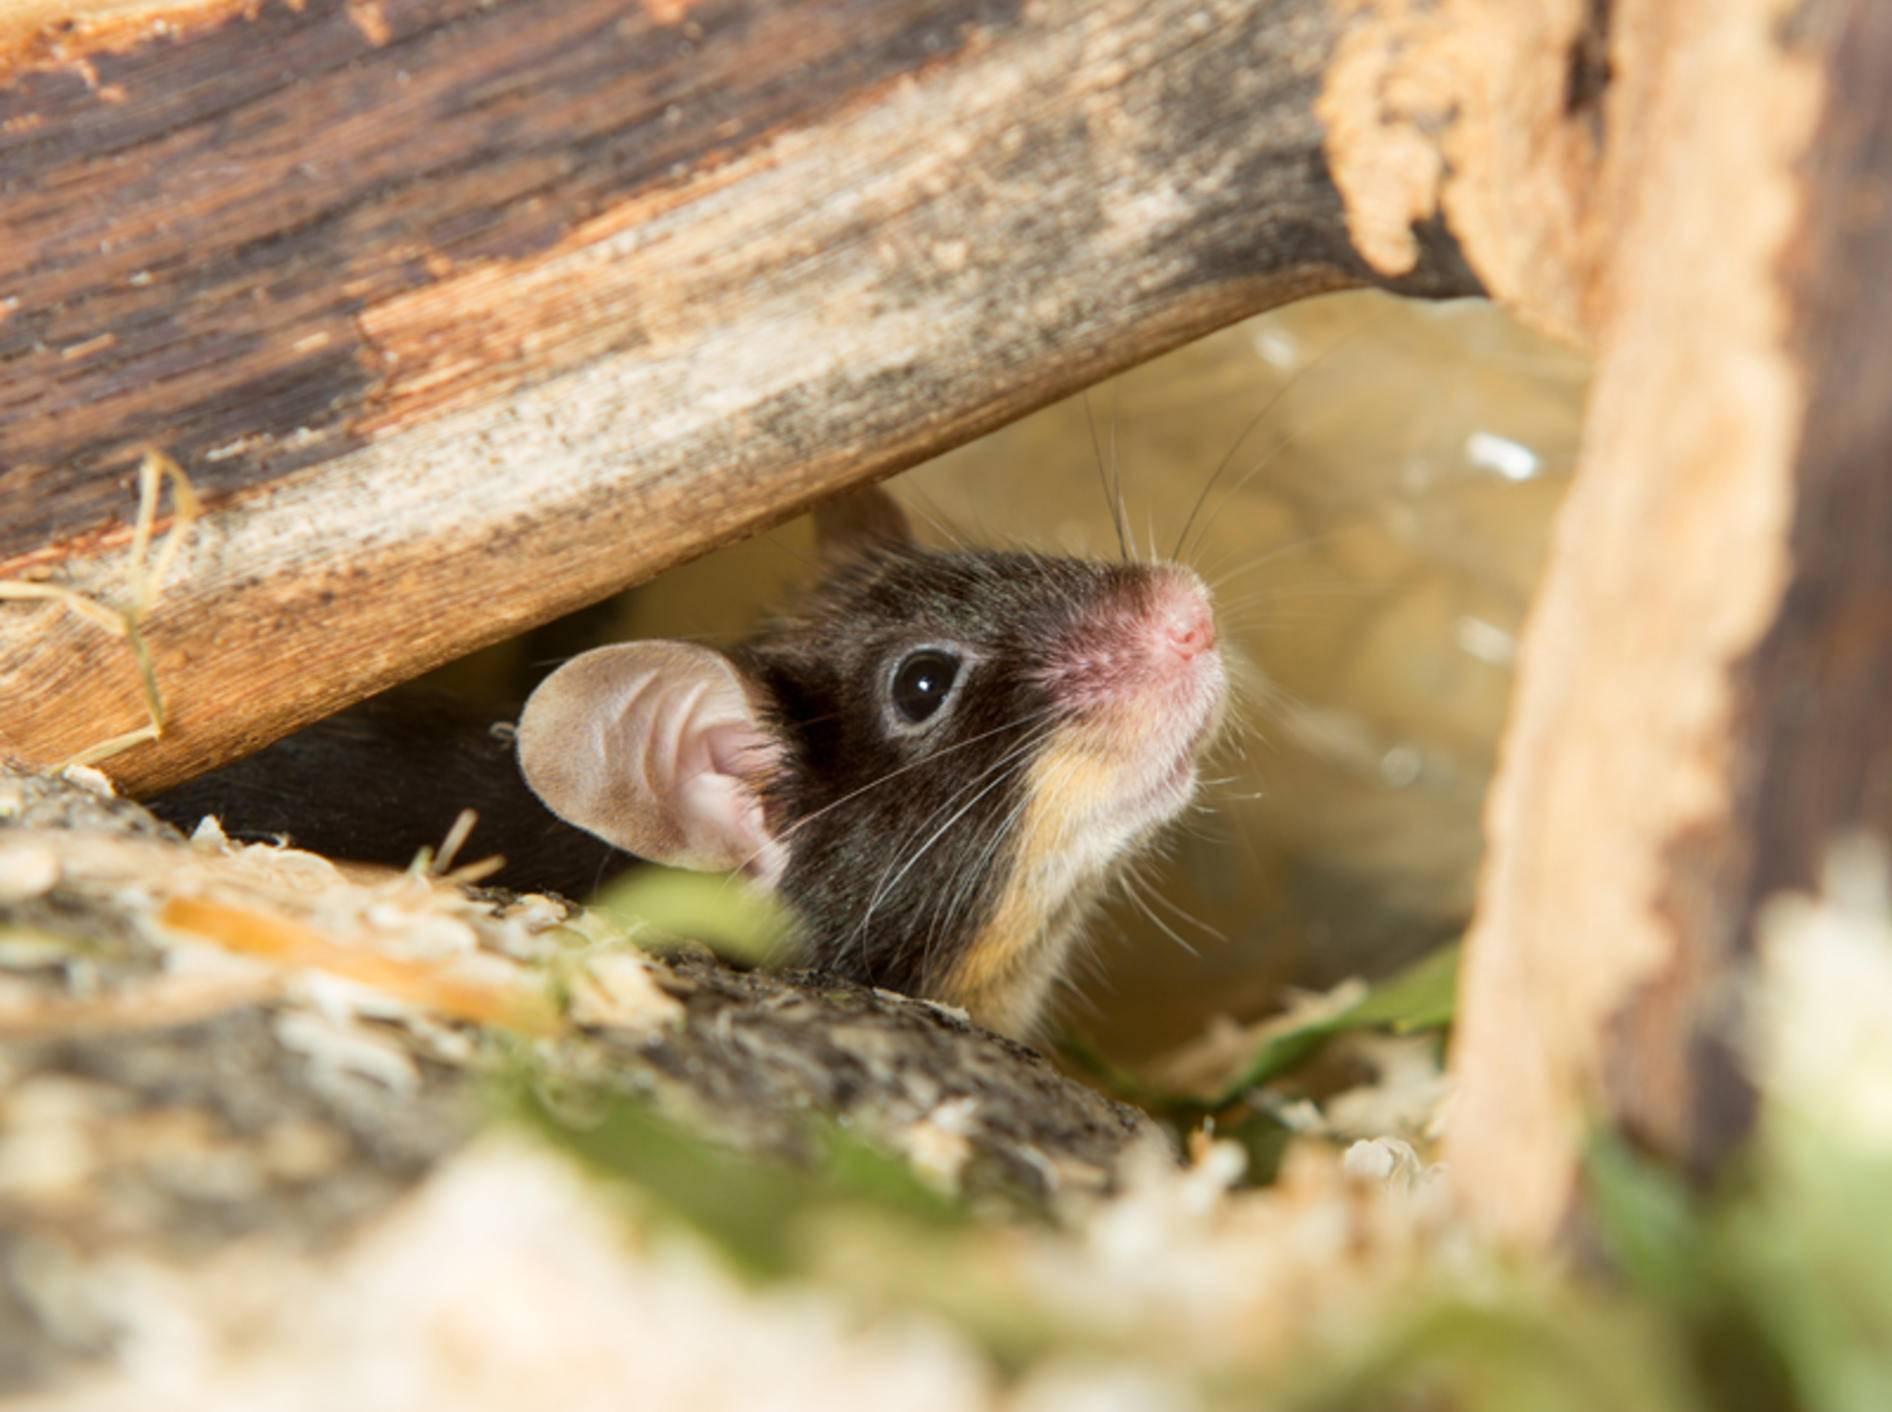 So fühlen sich Mäuse wohl: sicherer Unterschlupf aus Naturholz zum Verstecken – Shutterstock / Martina Osmy